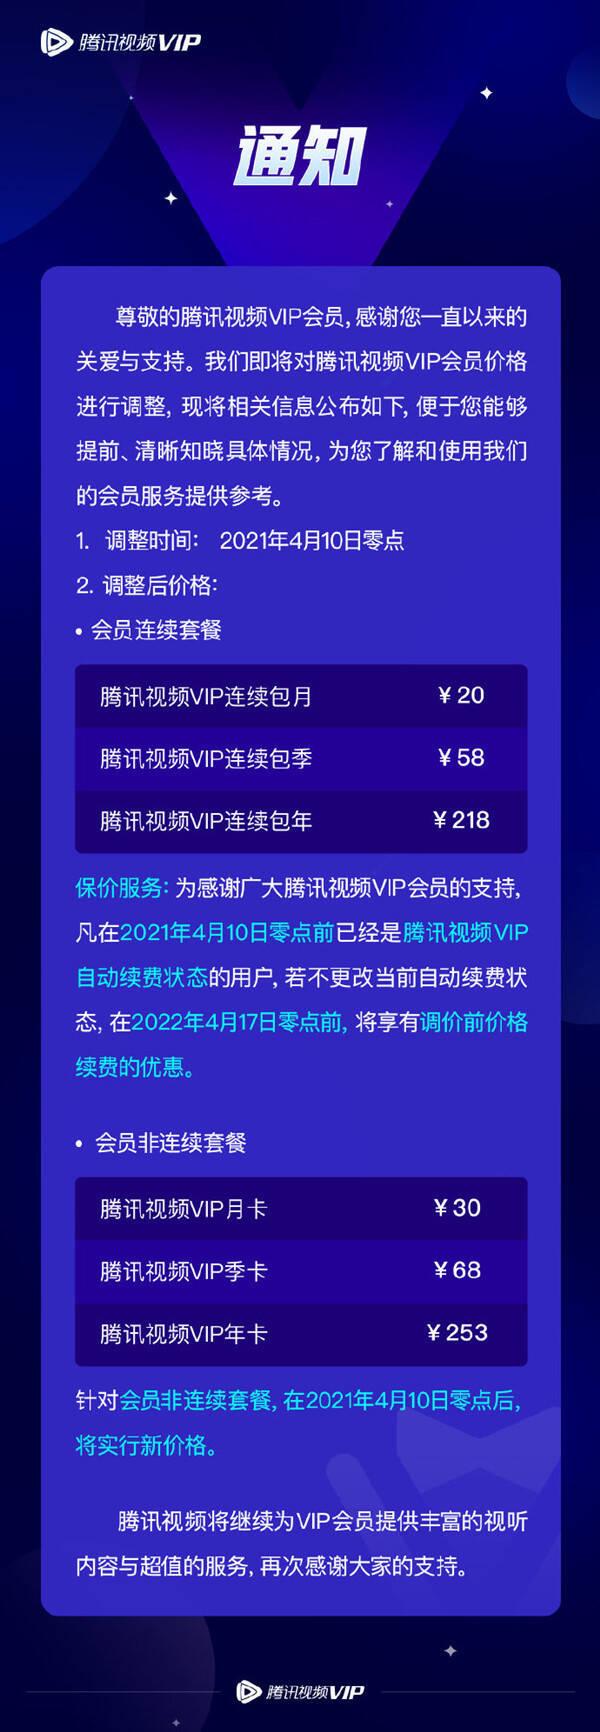 爱奇艺、腾讯视频VIP涨价1.jpg